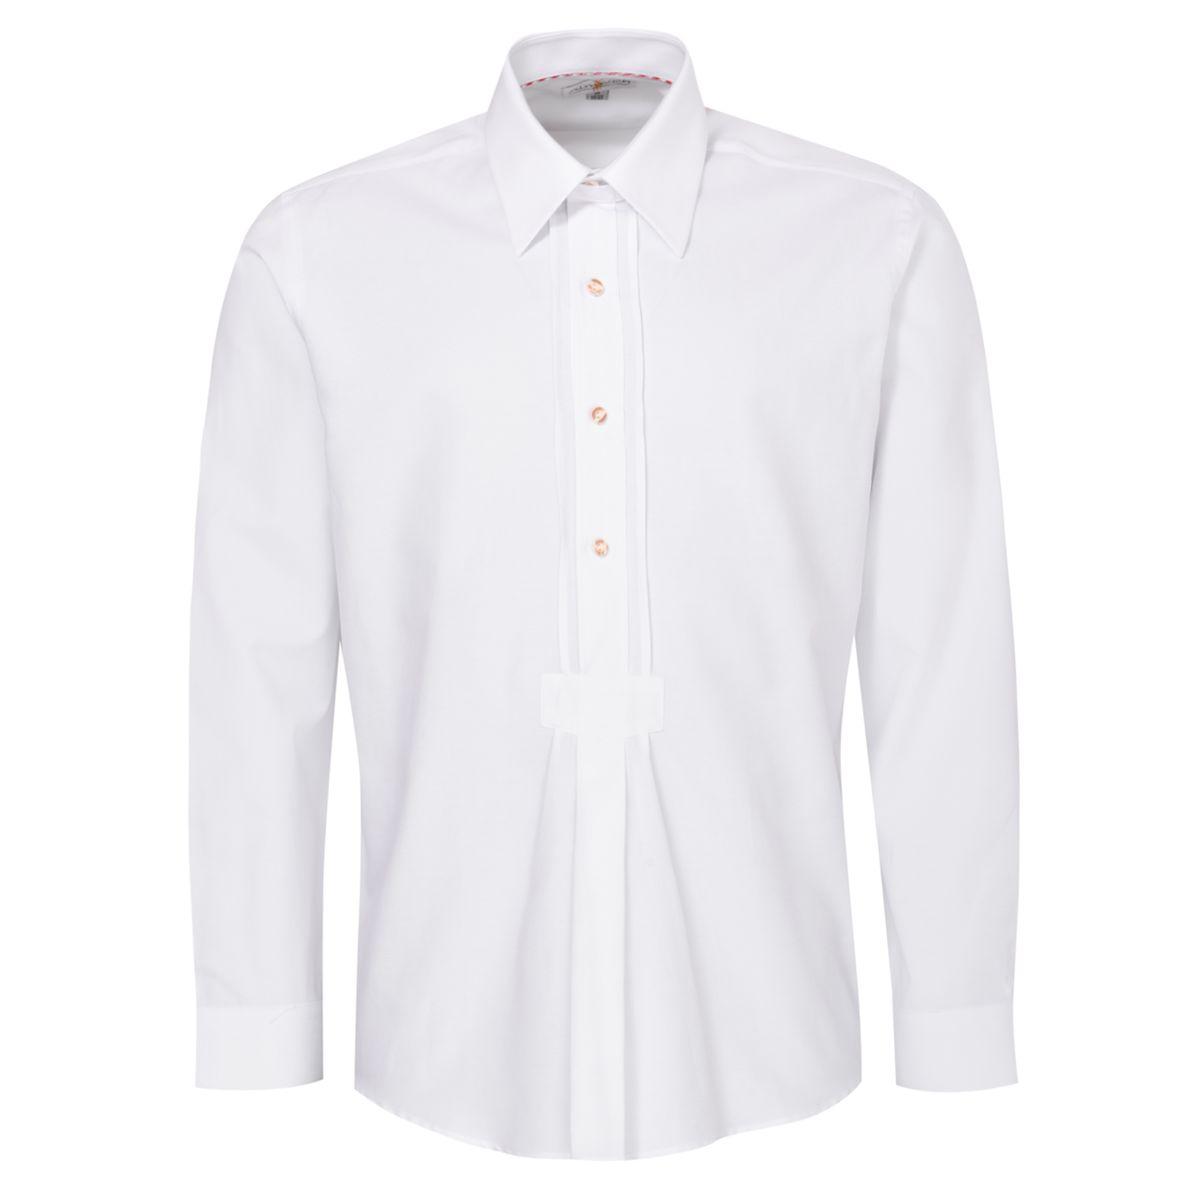 Trachtenhemd Jens Regular Fit mit Biesen in Weiß von Almsach günstig online kaufen